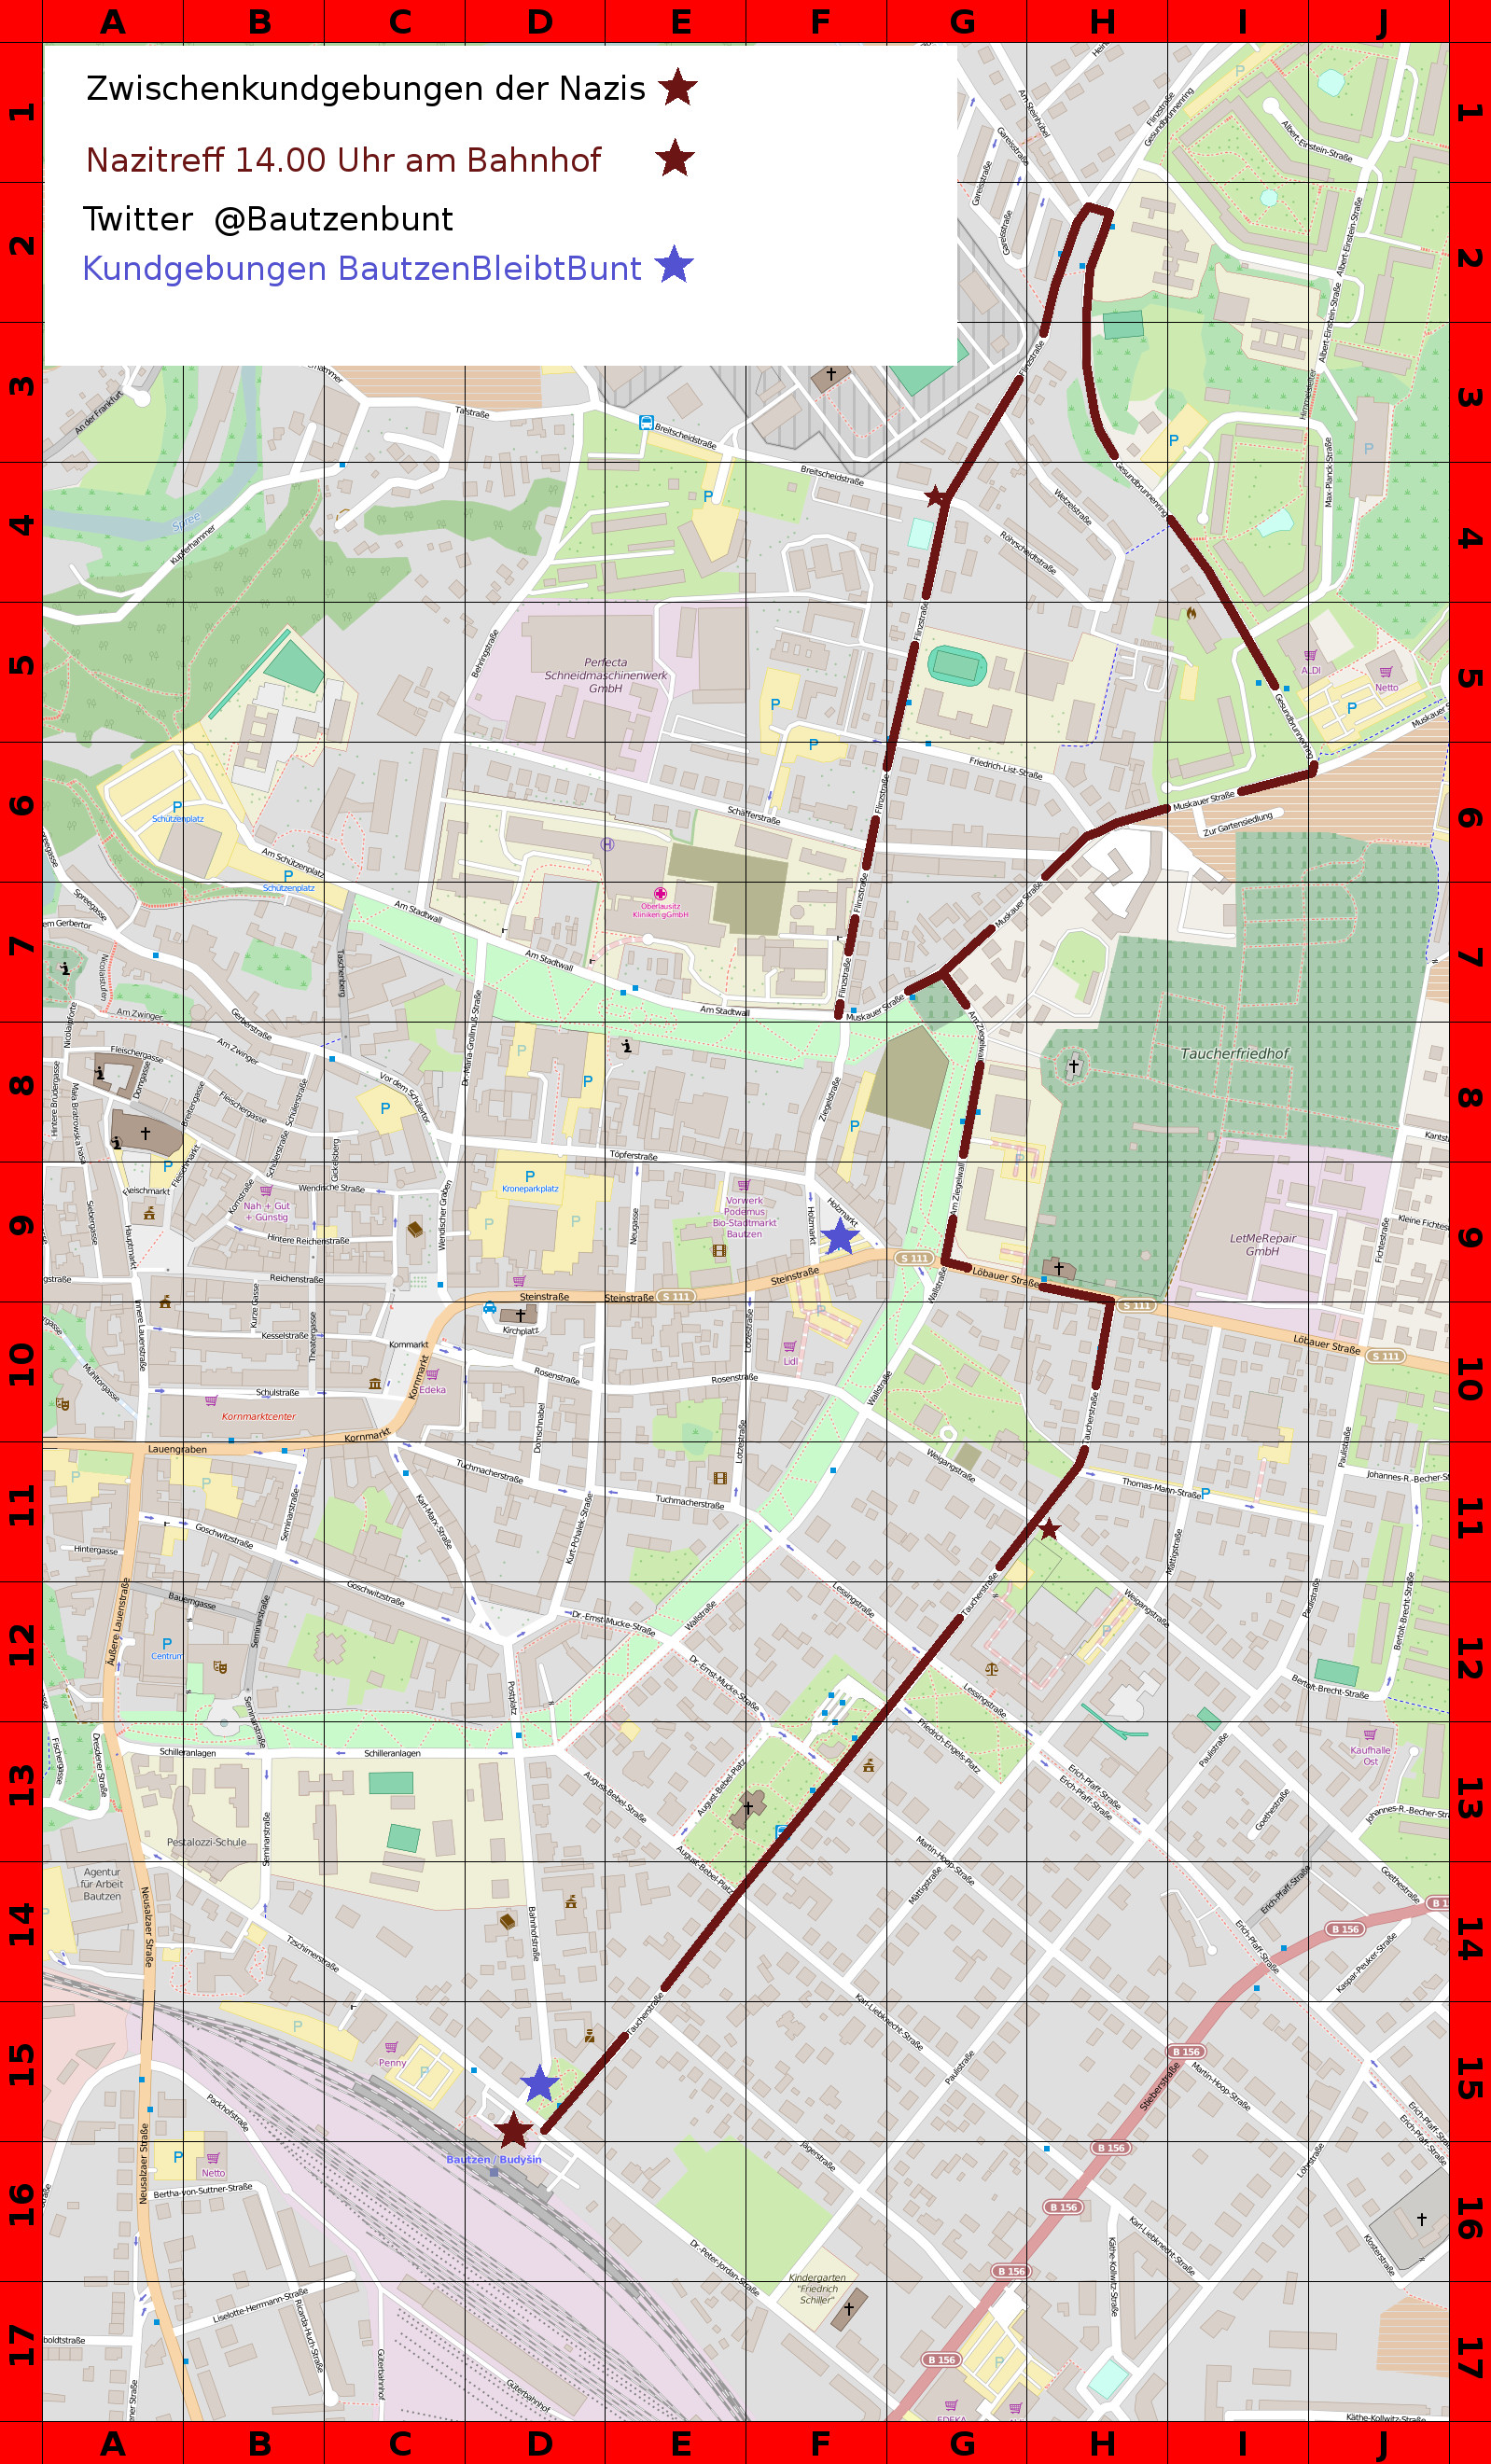 Aktionskarte Bautzen 07.11.2015